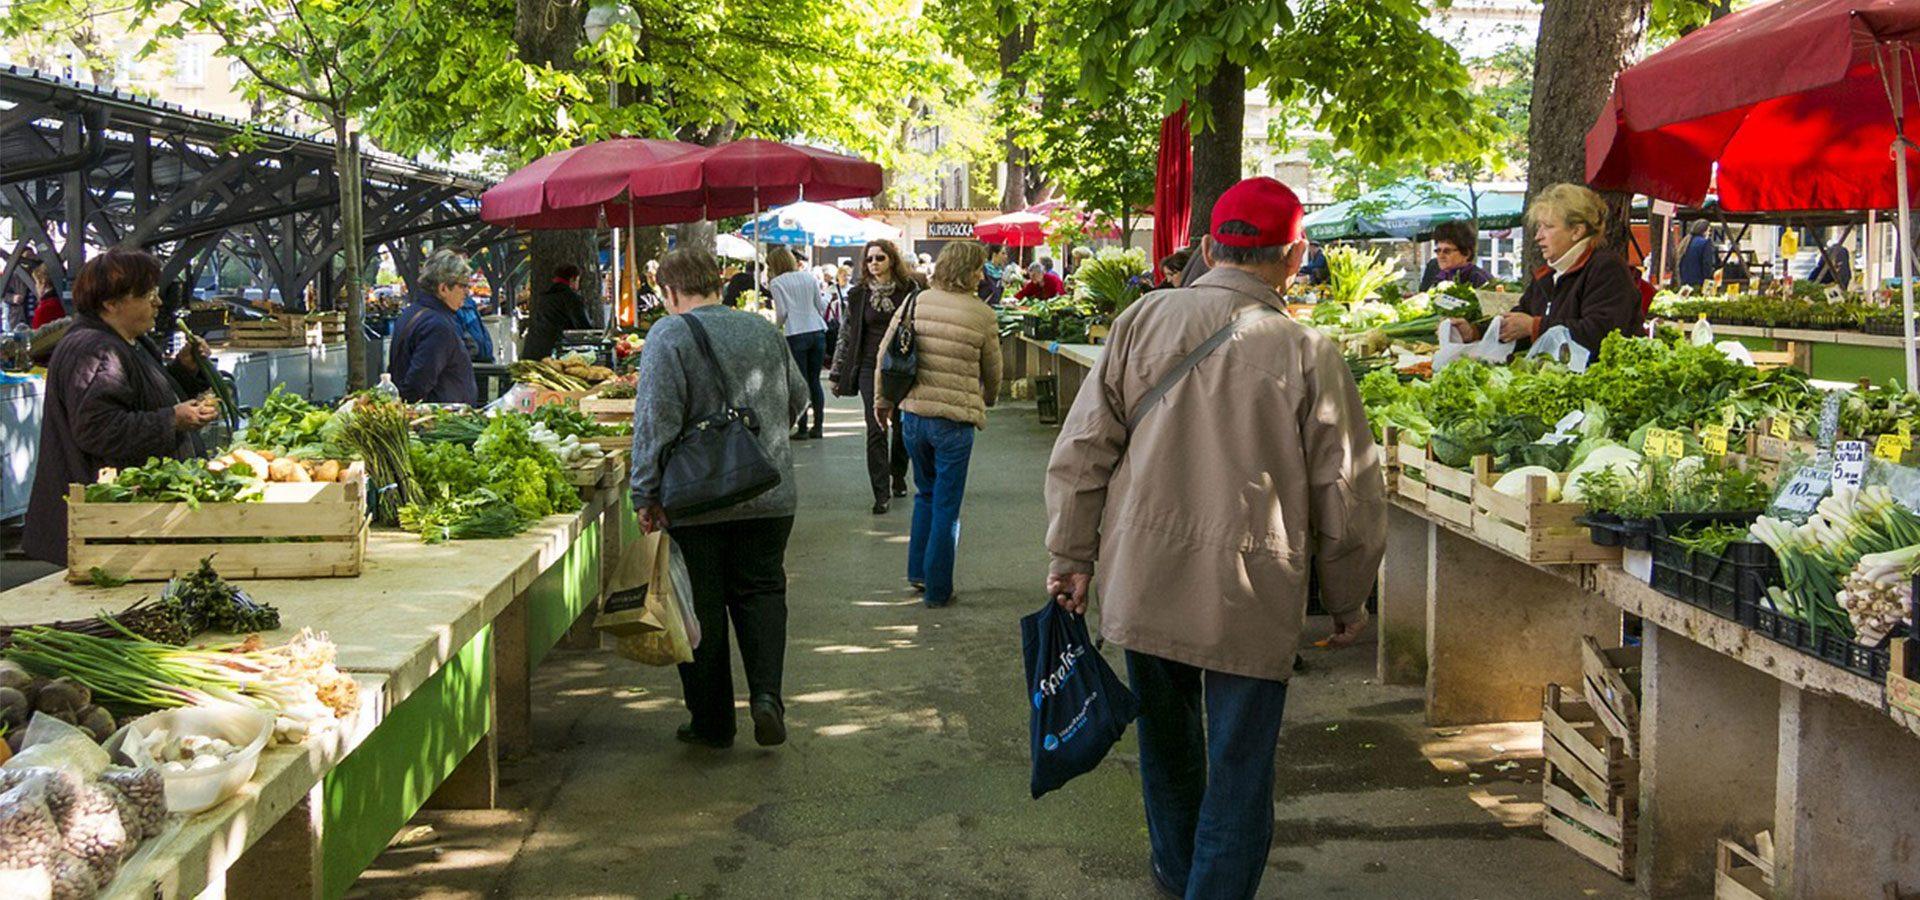 farmers market2 1920x900-60lower